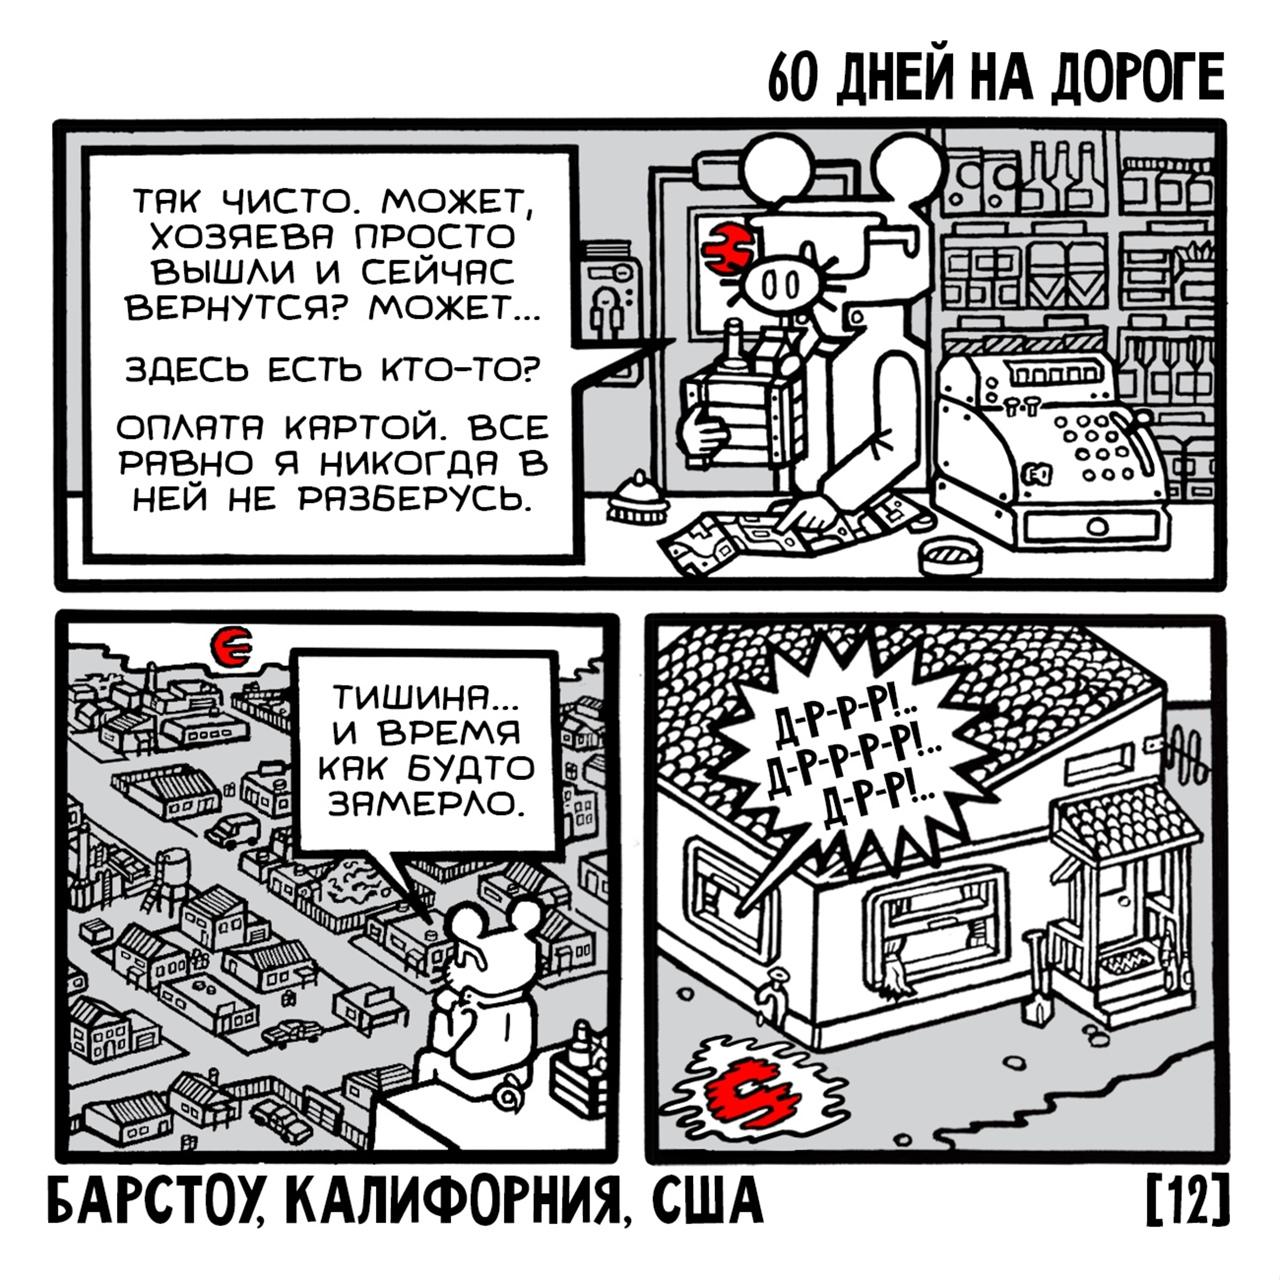 Автор комикса «Поросёнок-Мышь»: оконцепции, вдохновении и фантастики 13